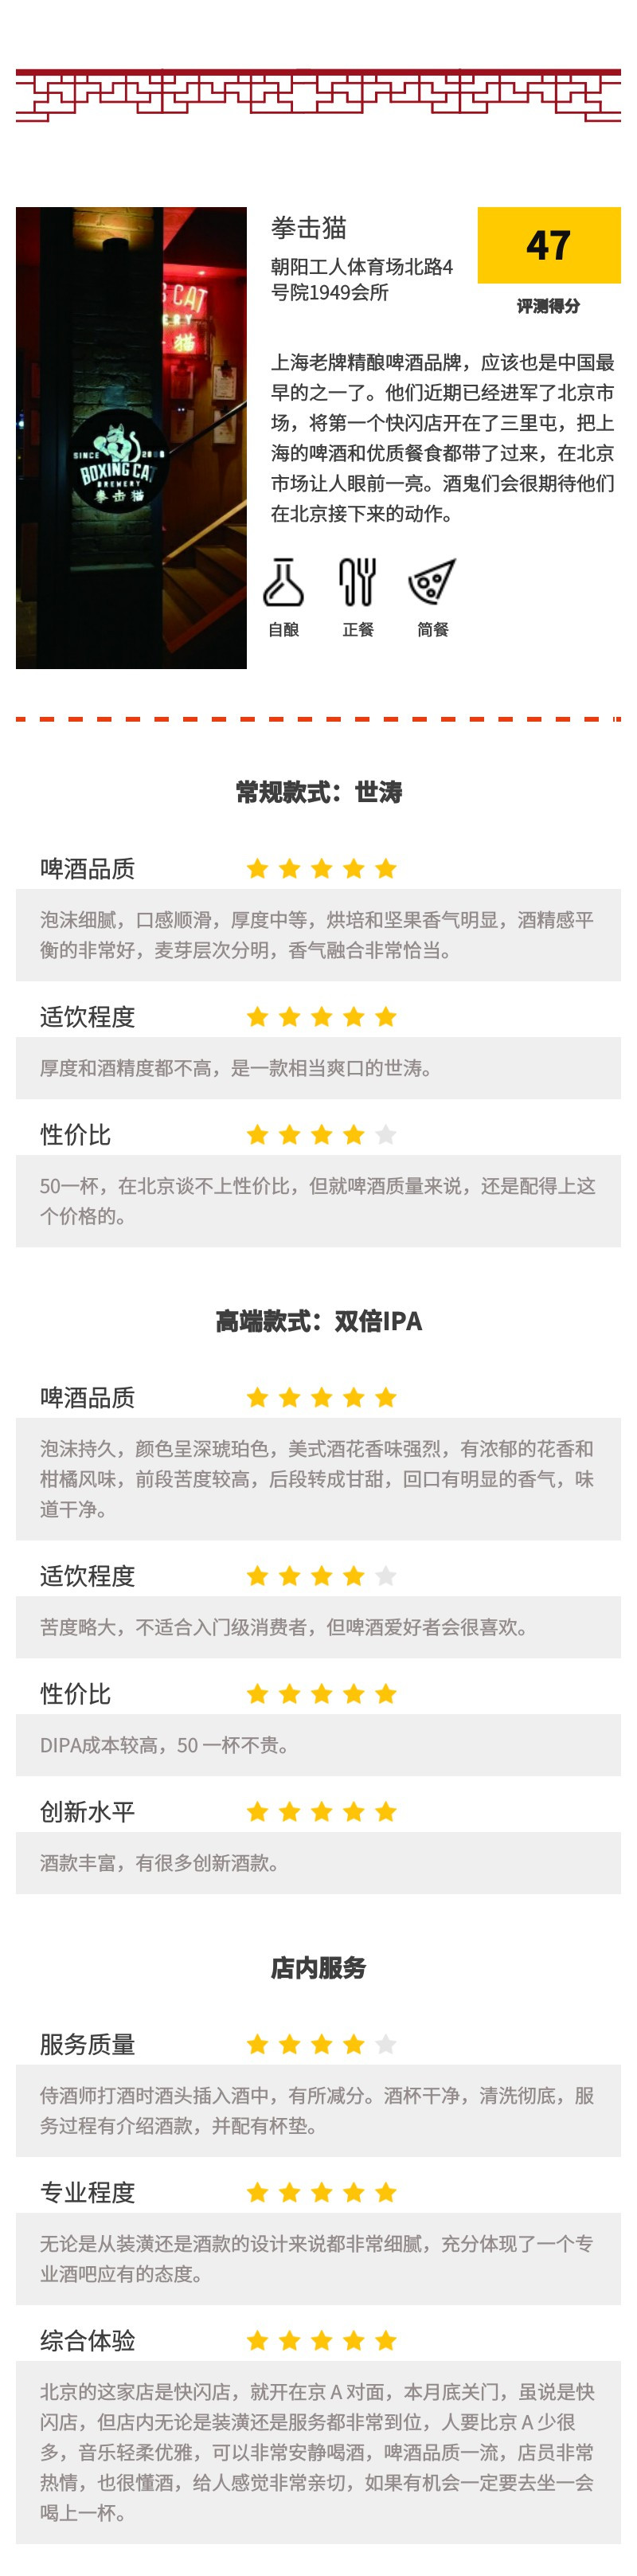 北京精酿啤酒评测